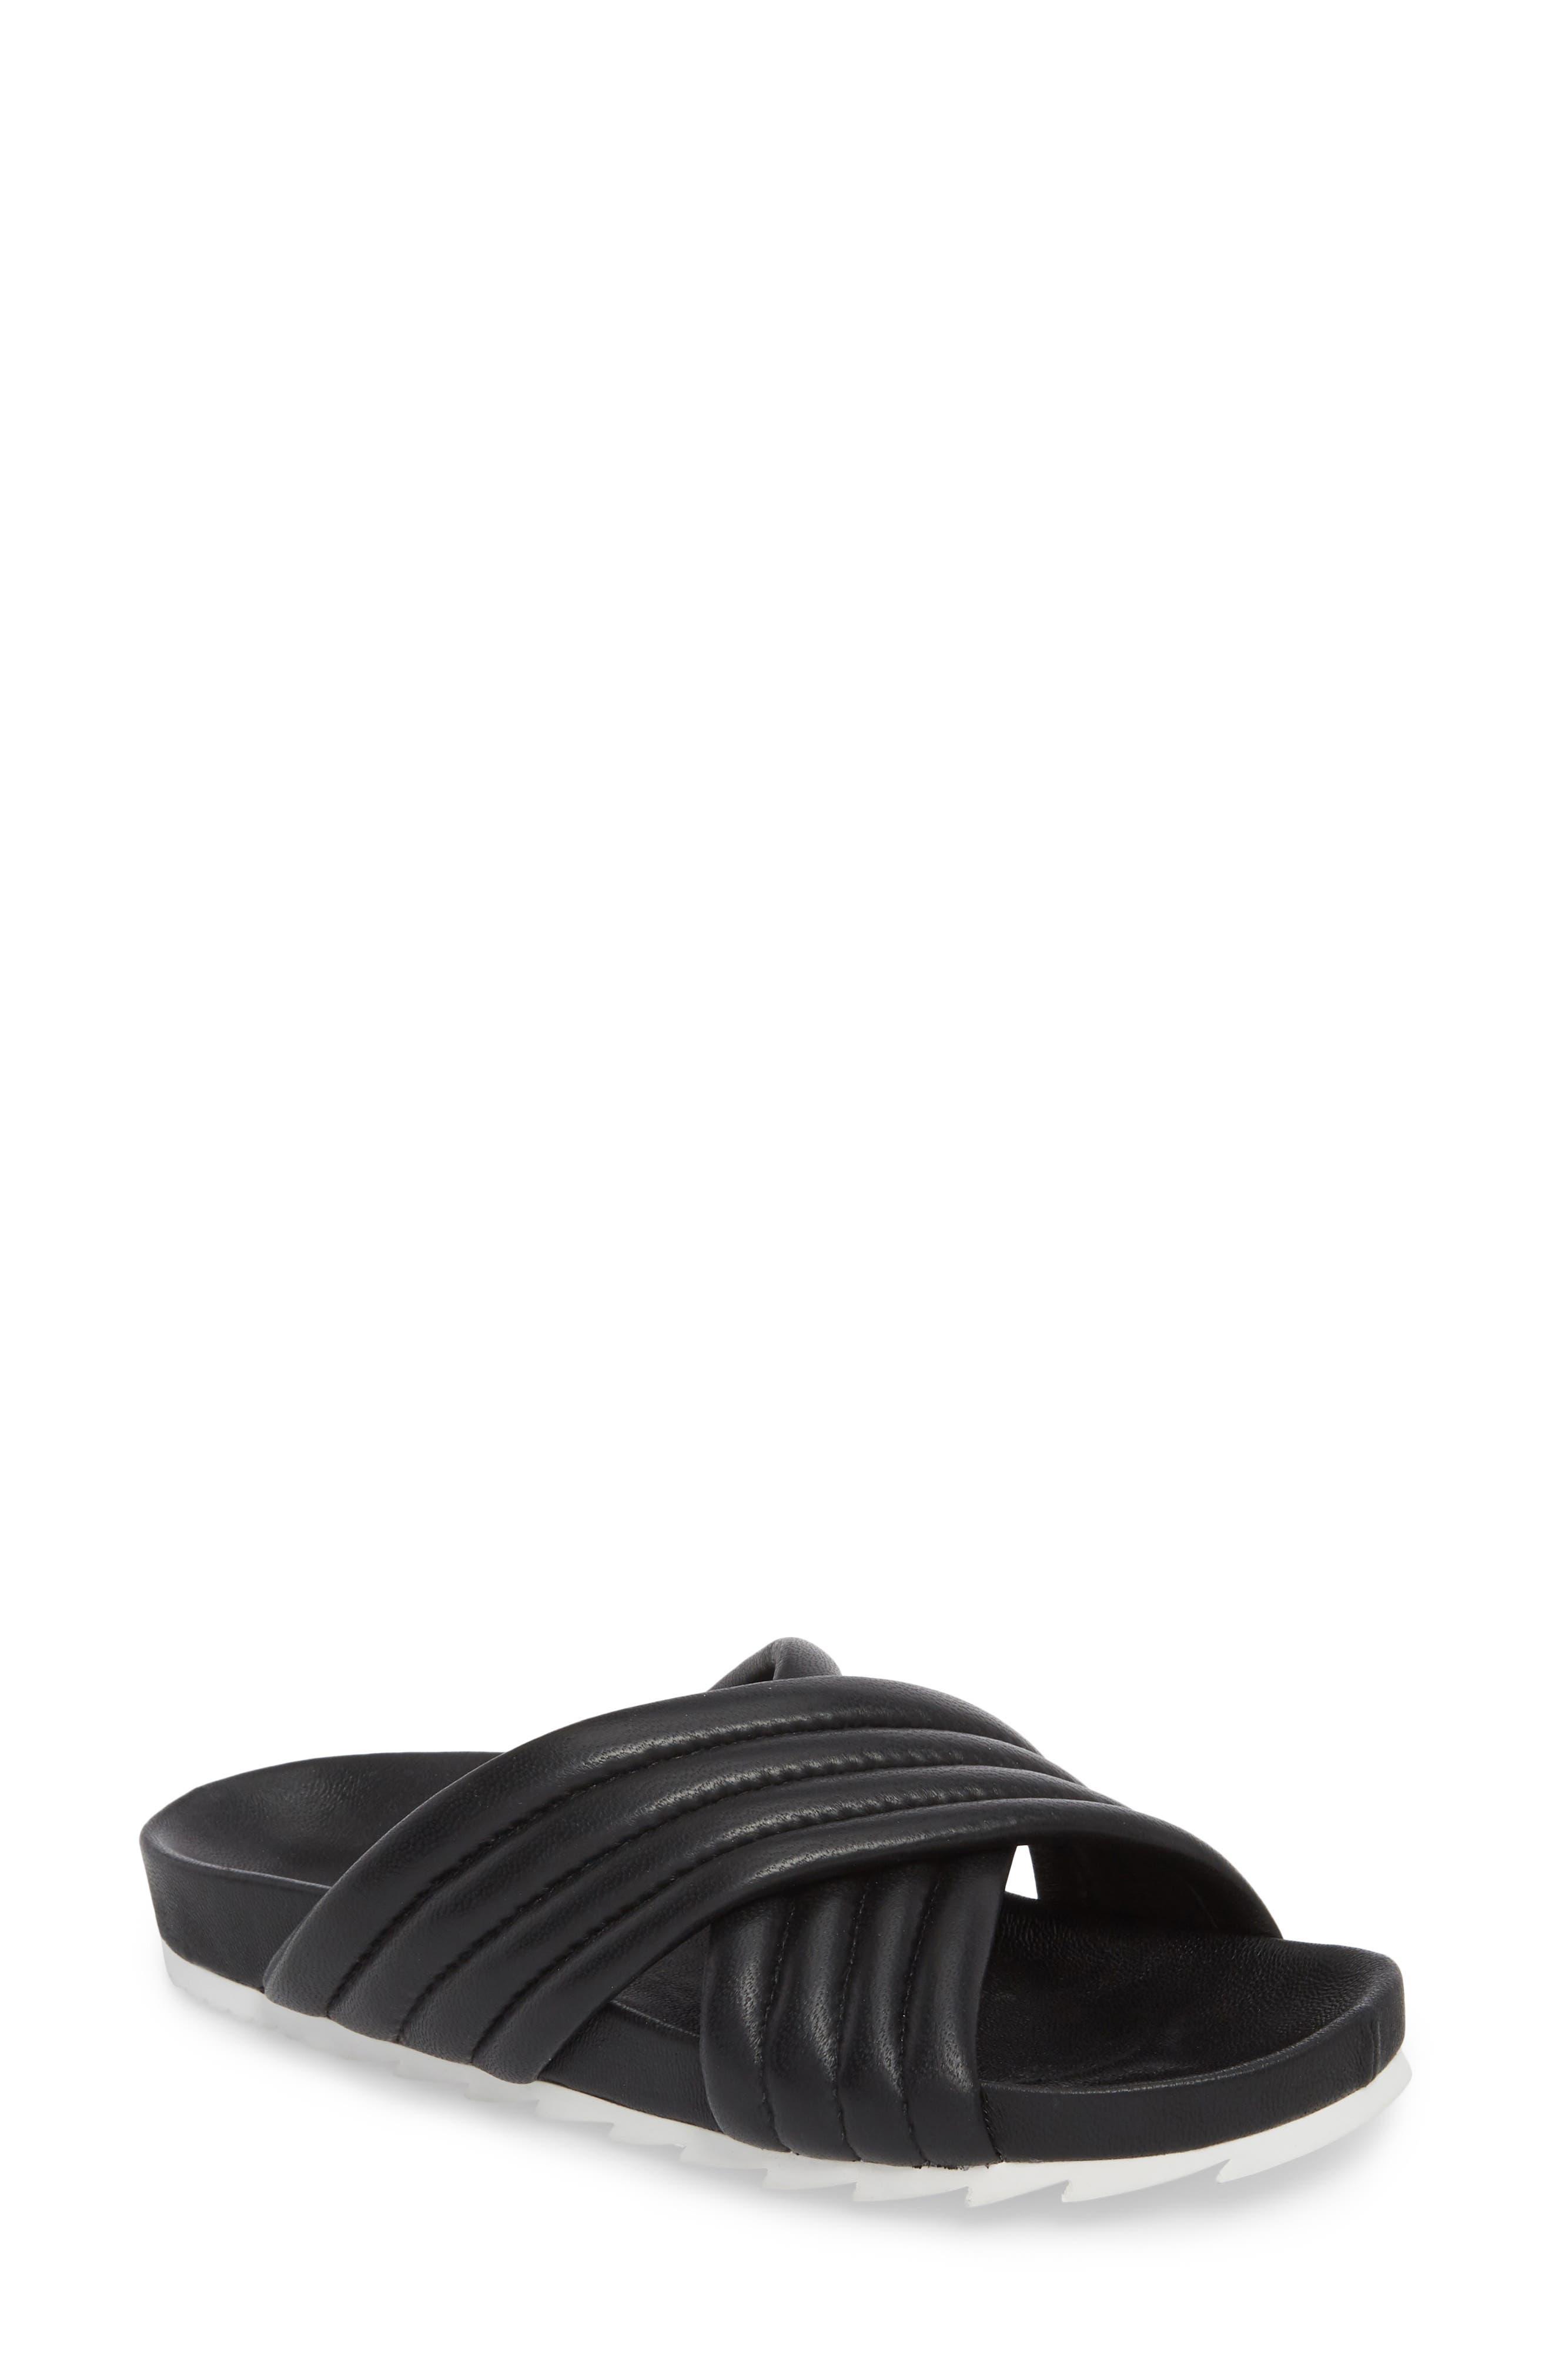 Easy Slide Sandal,                         Main,                         color, BLACK LEATHER